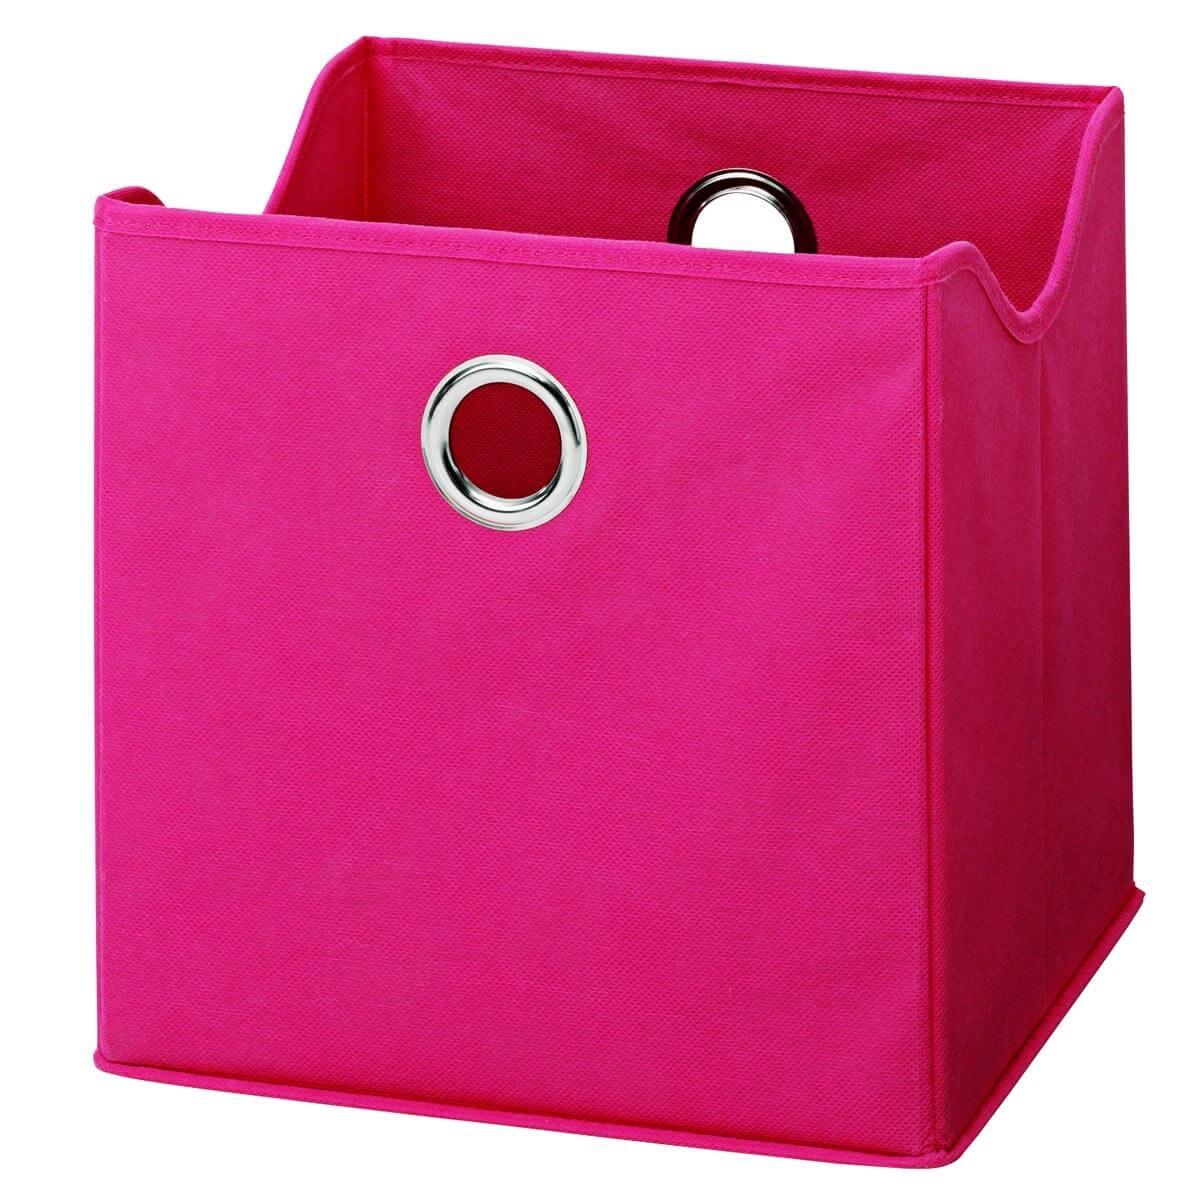 aufbewahrungsbox aus stoff in pink m bel24. Black Bedroom Furniture Sets. Home Design Ideas